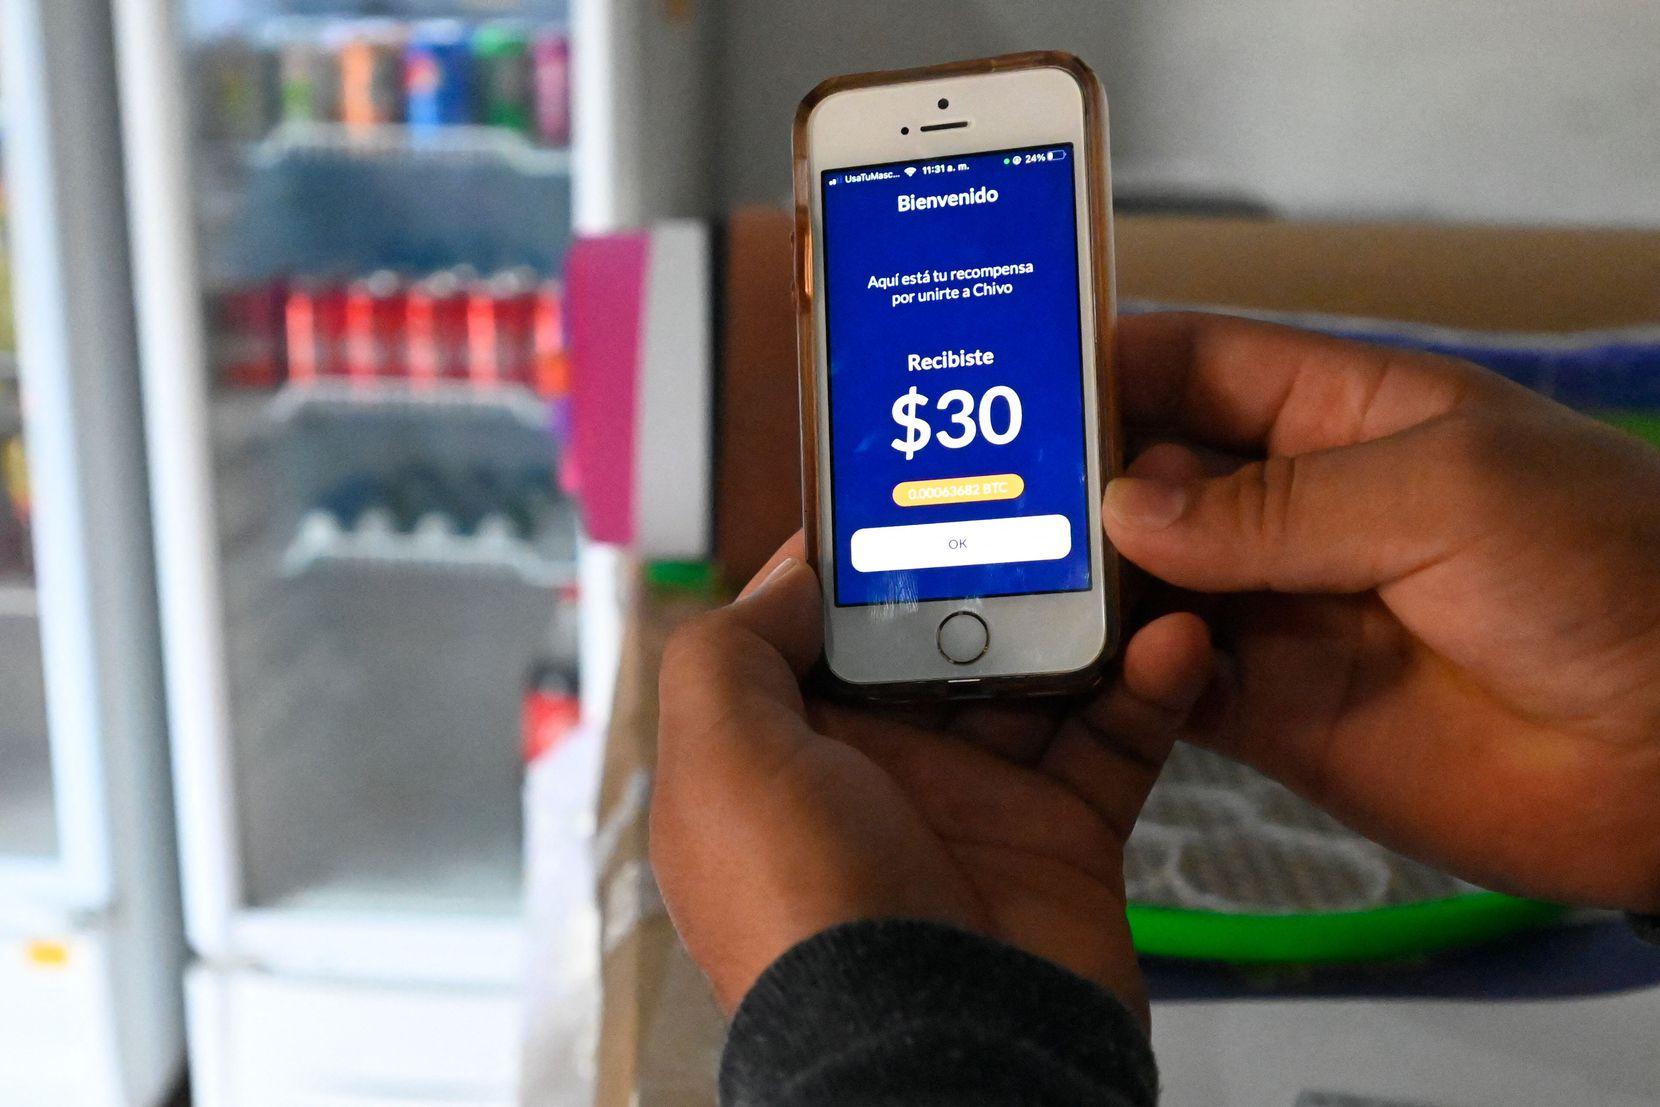 Chivo Wallet es la aplicación que se puede usar para hacer transacciones en Bitcoin en El Salvador.